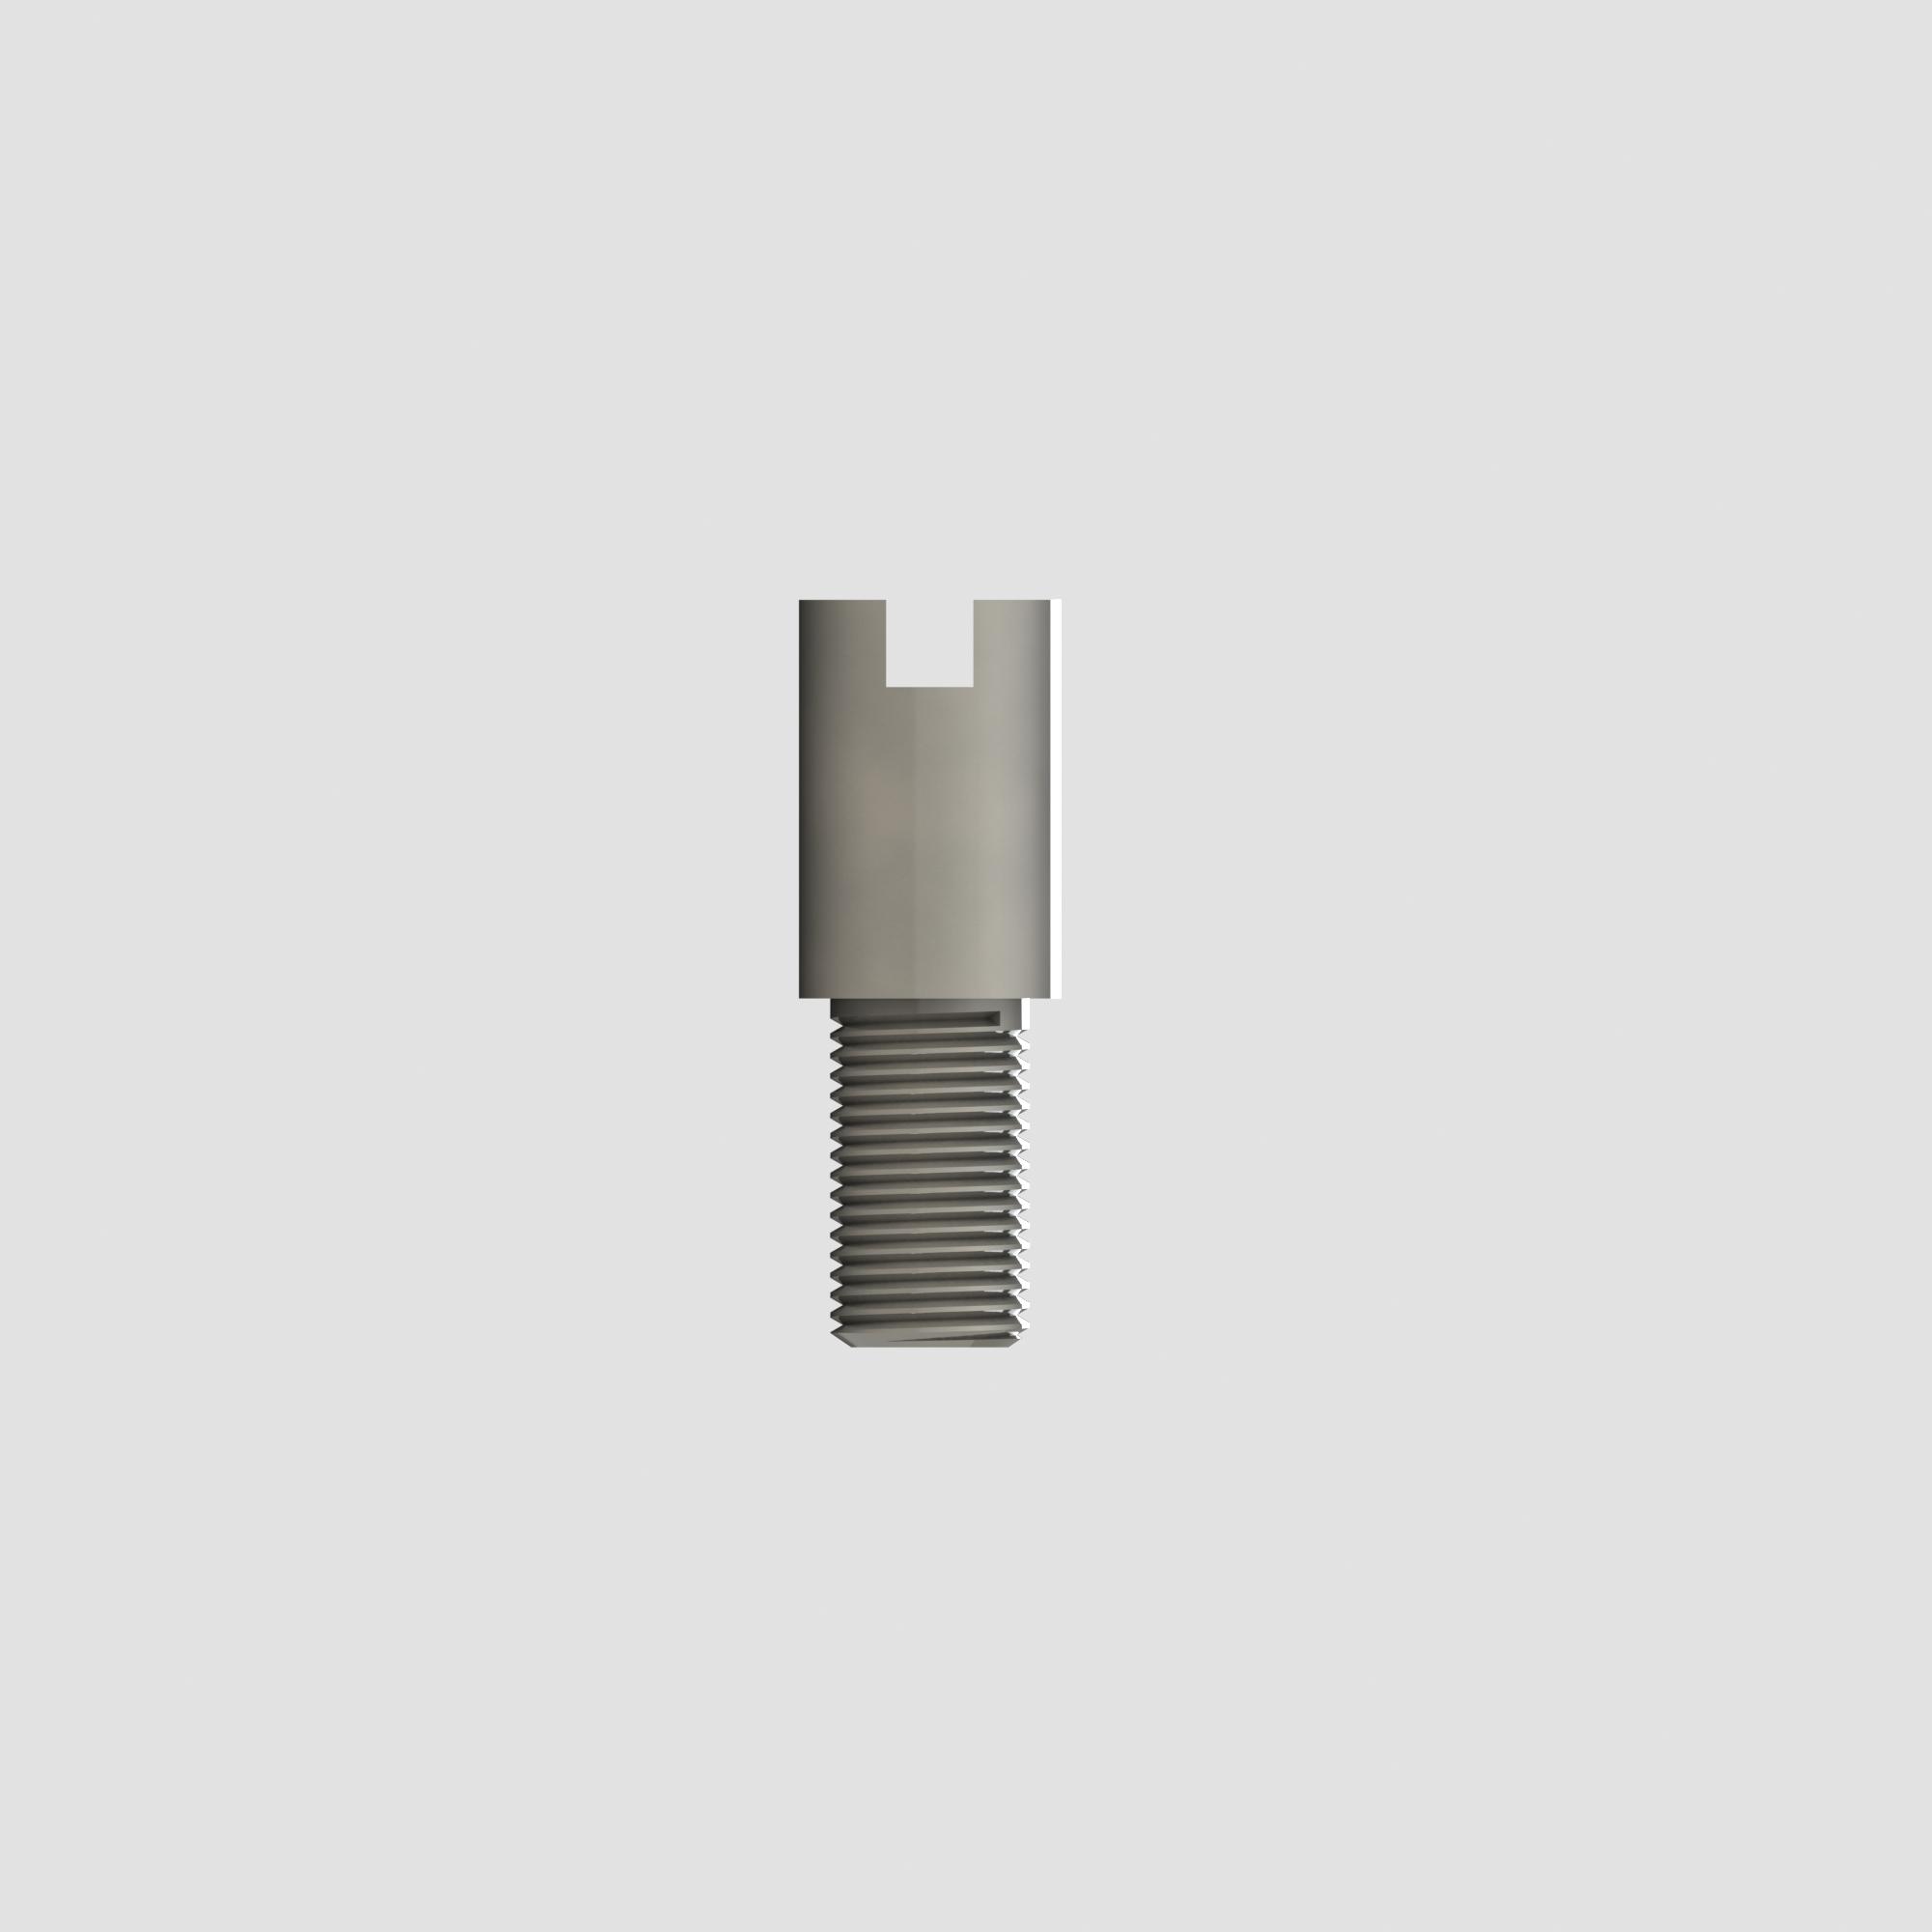 NSK E-Type Motor Forward Reverse Ring Set Screw